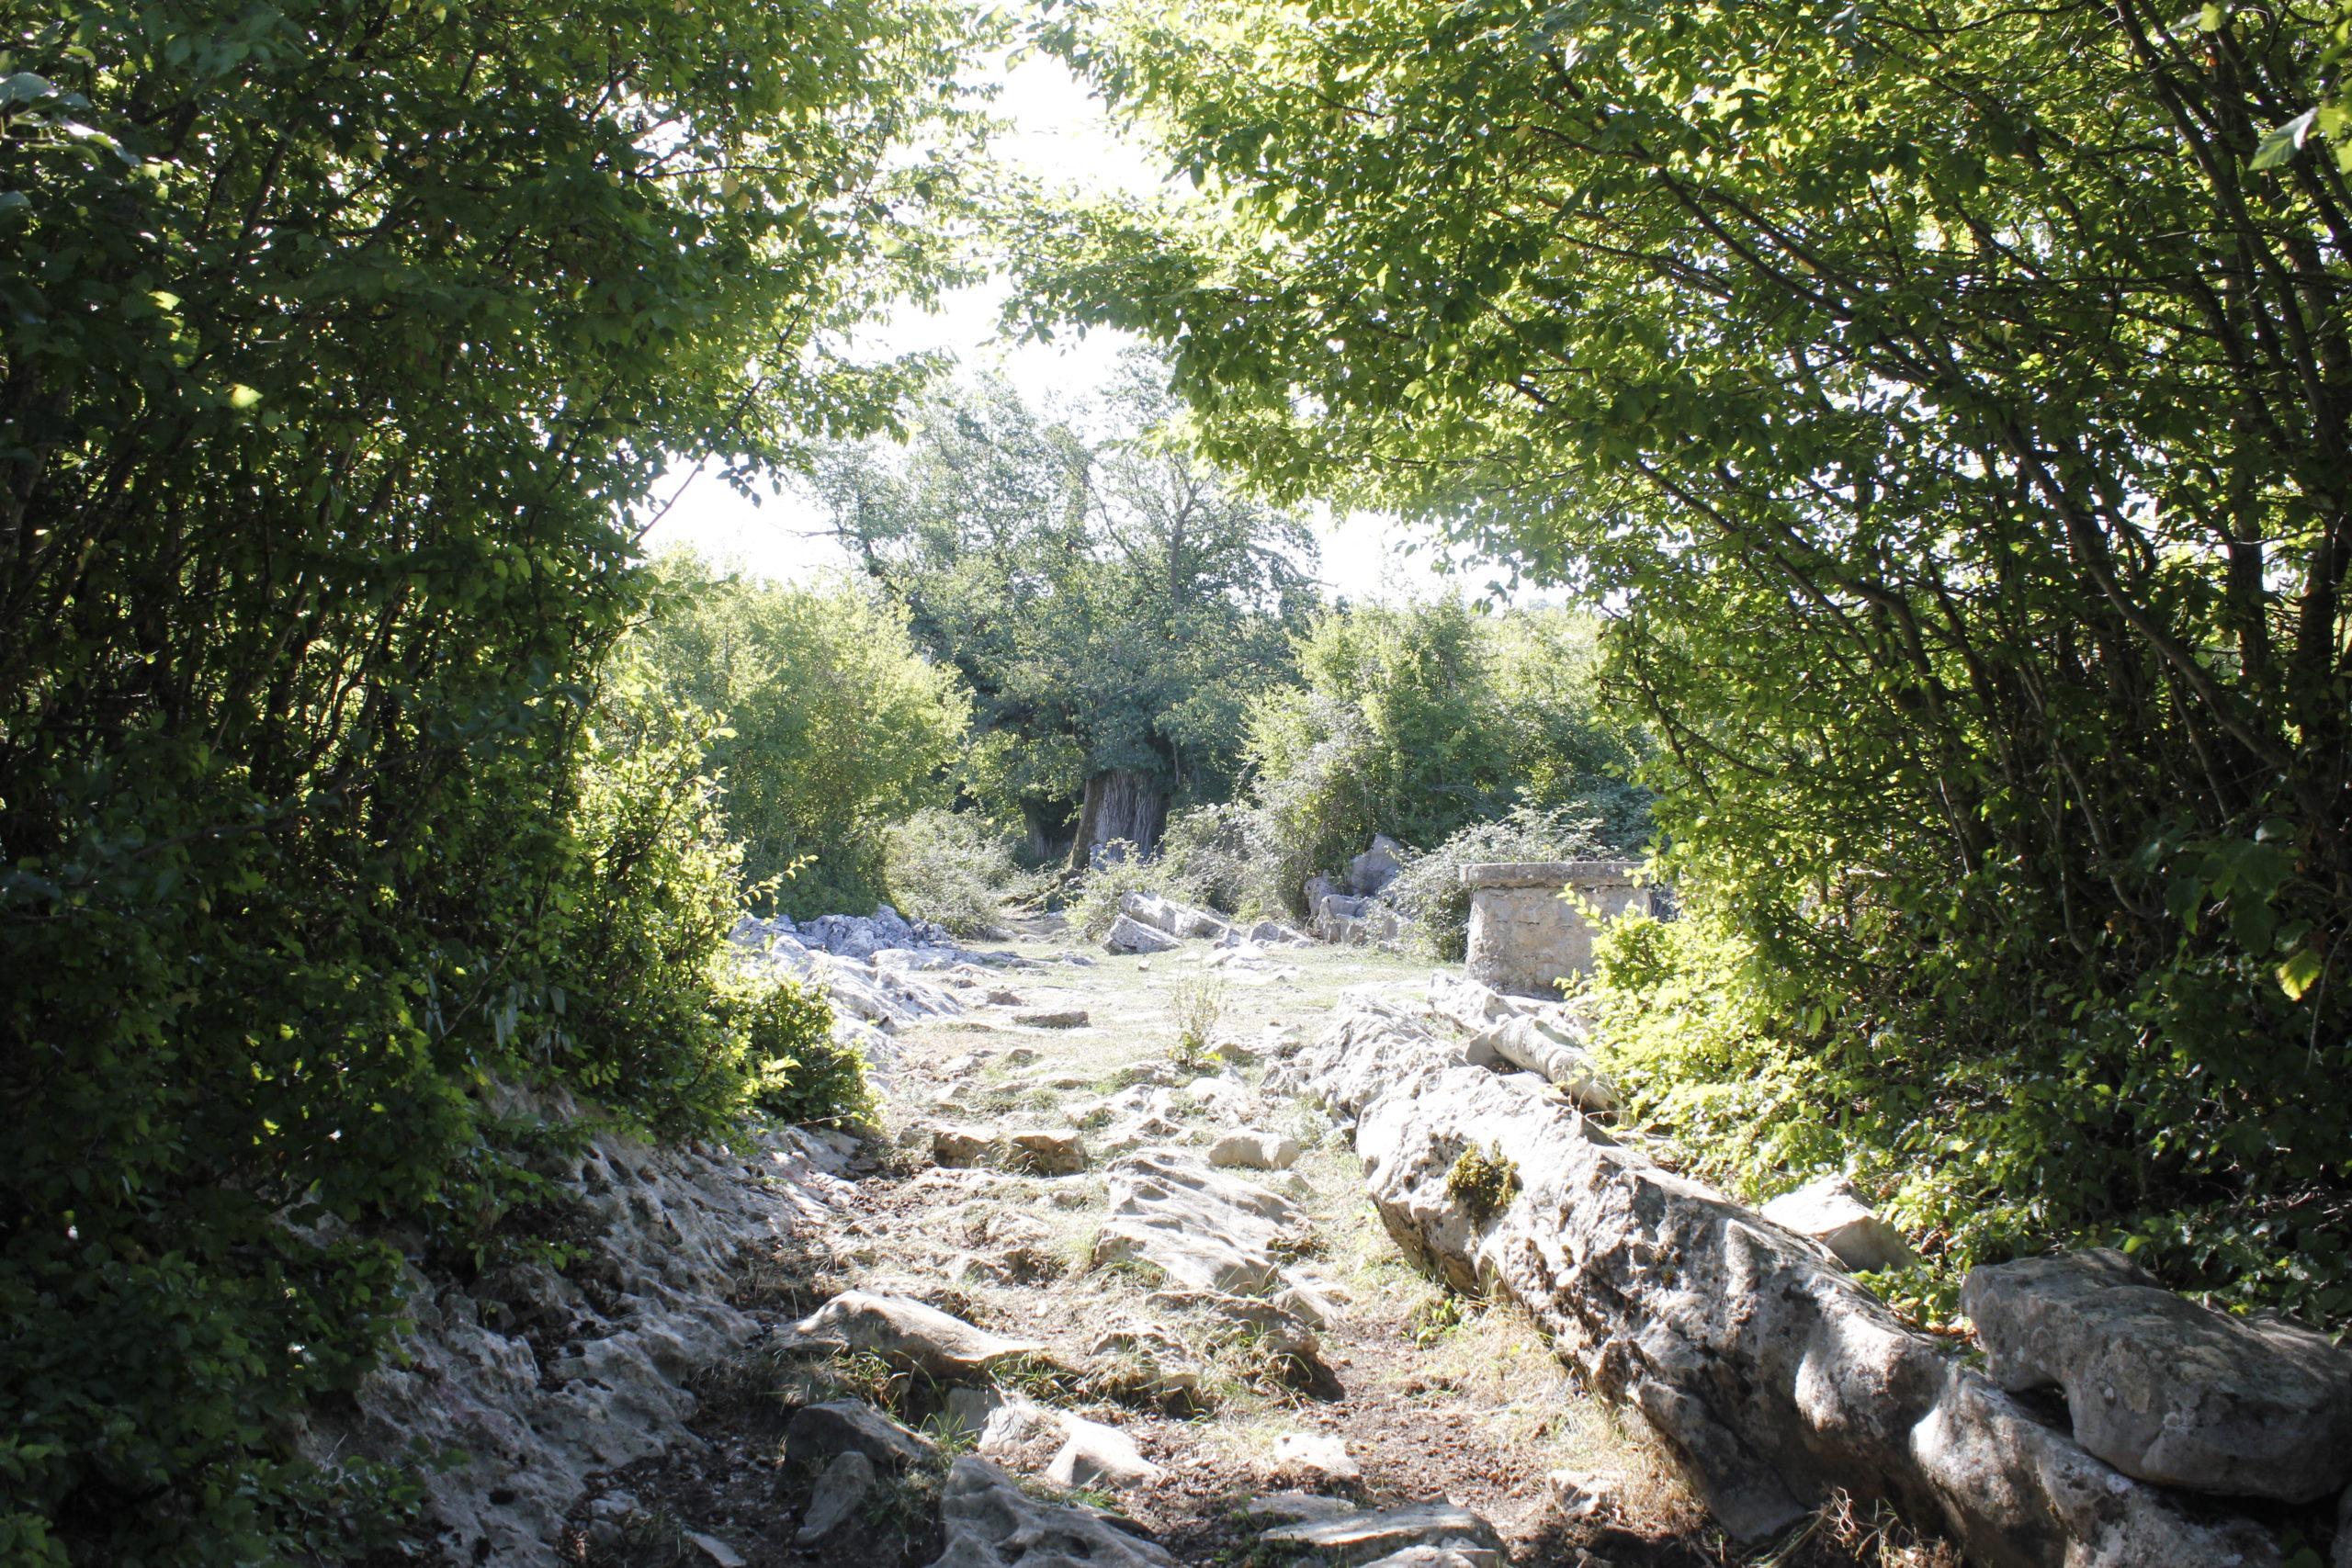 4x4 Abenteuerreise: Albanien so nah und doch so fremd 4